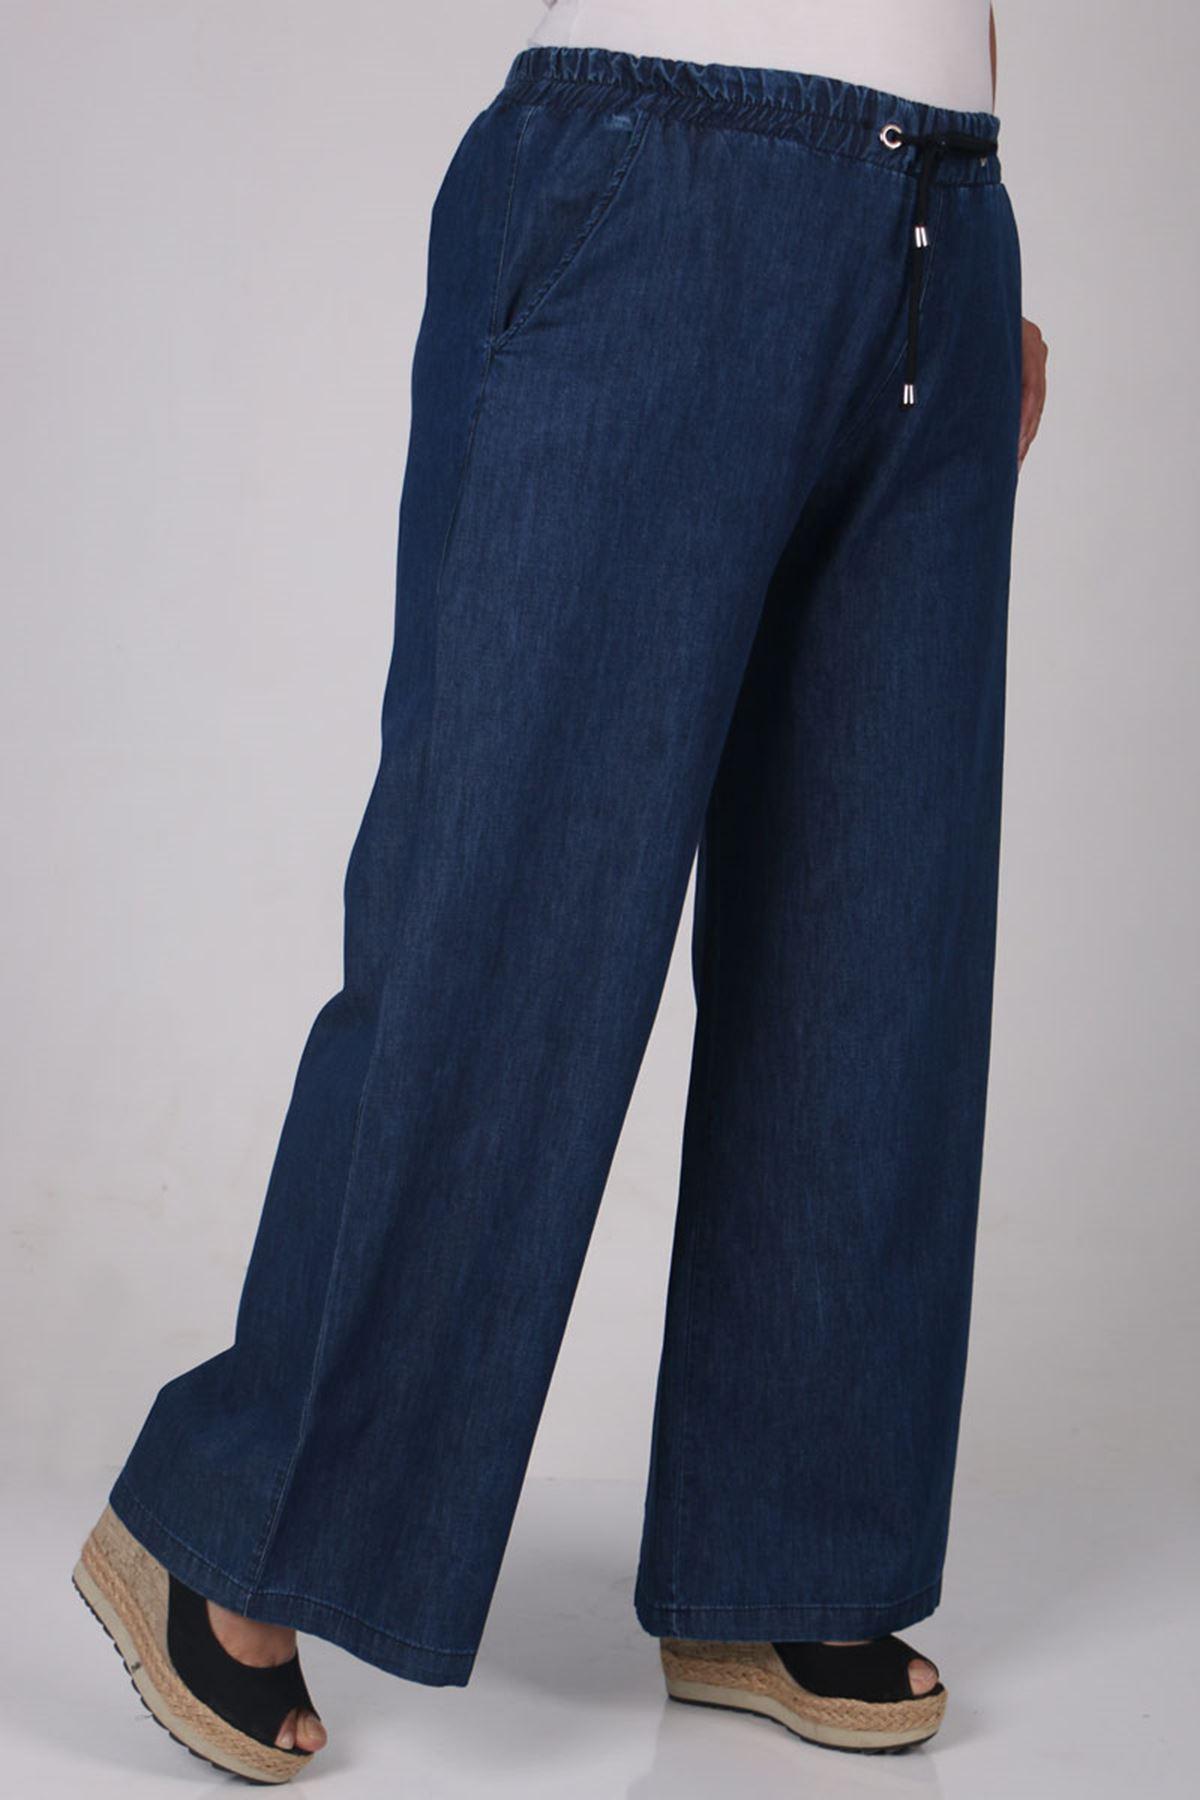 9159 بنطلون جينز واسع الساق و مقاس كبير - أزرق - أزرق فاتح